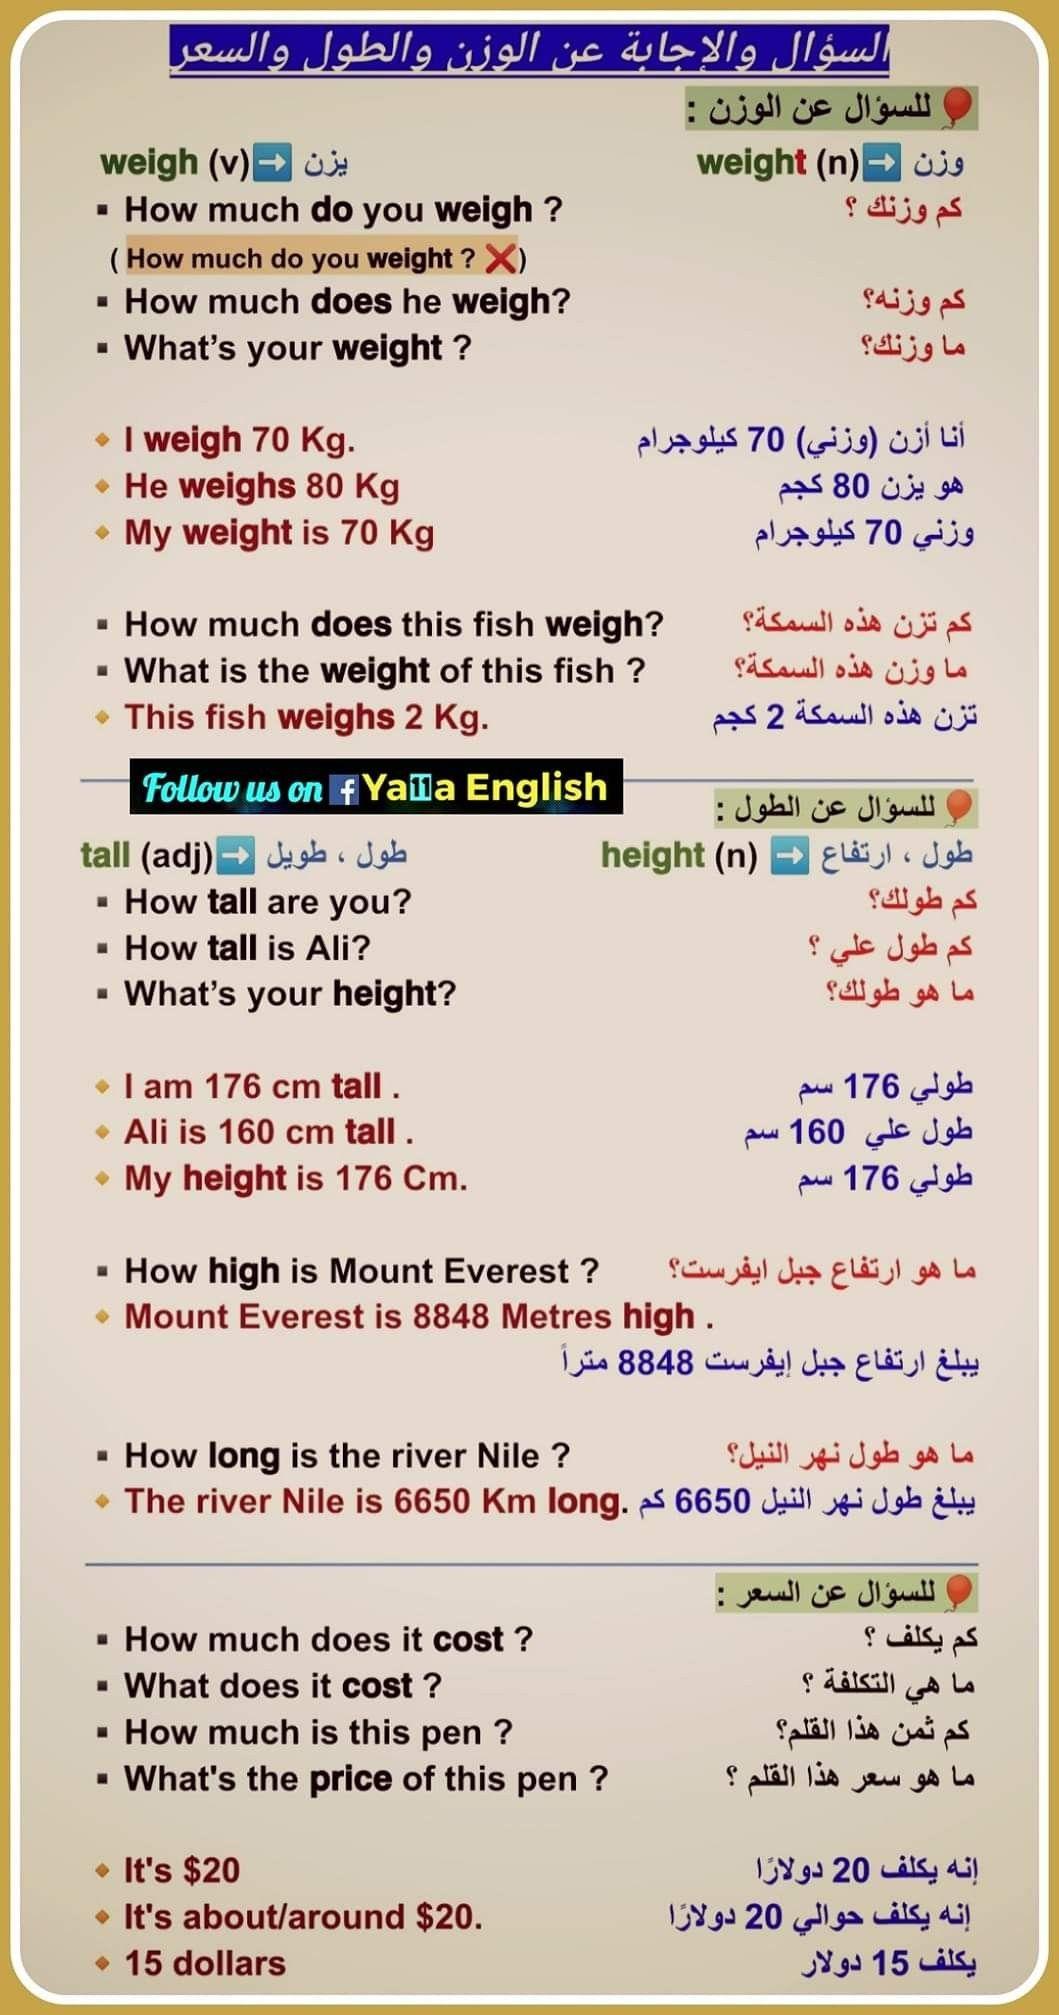 السؤال عن الوزن الطول السعر